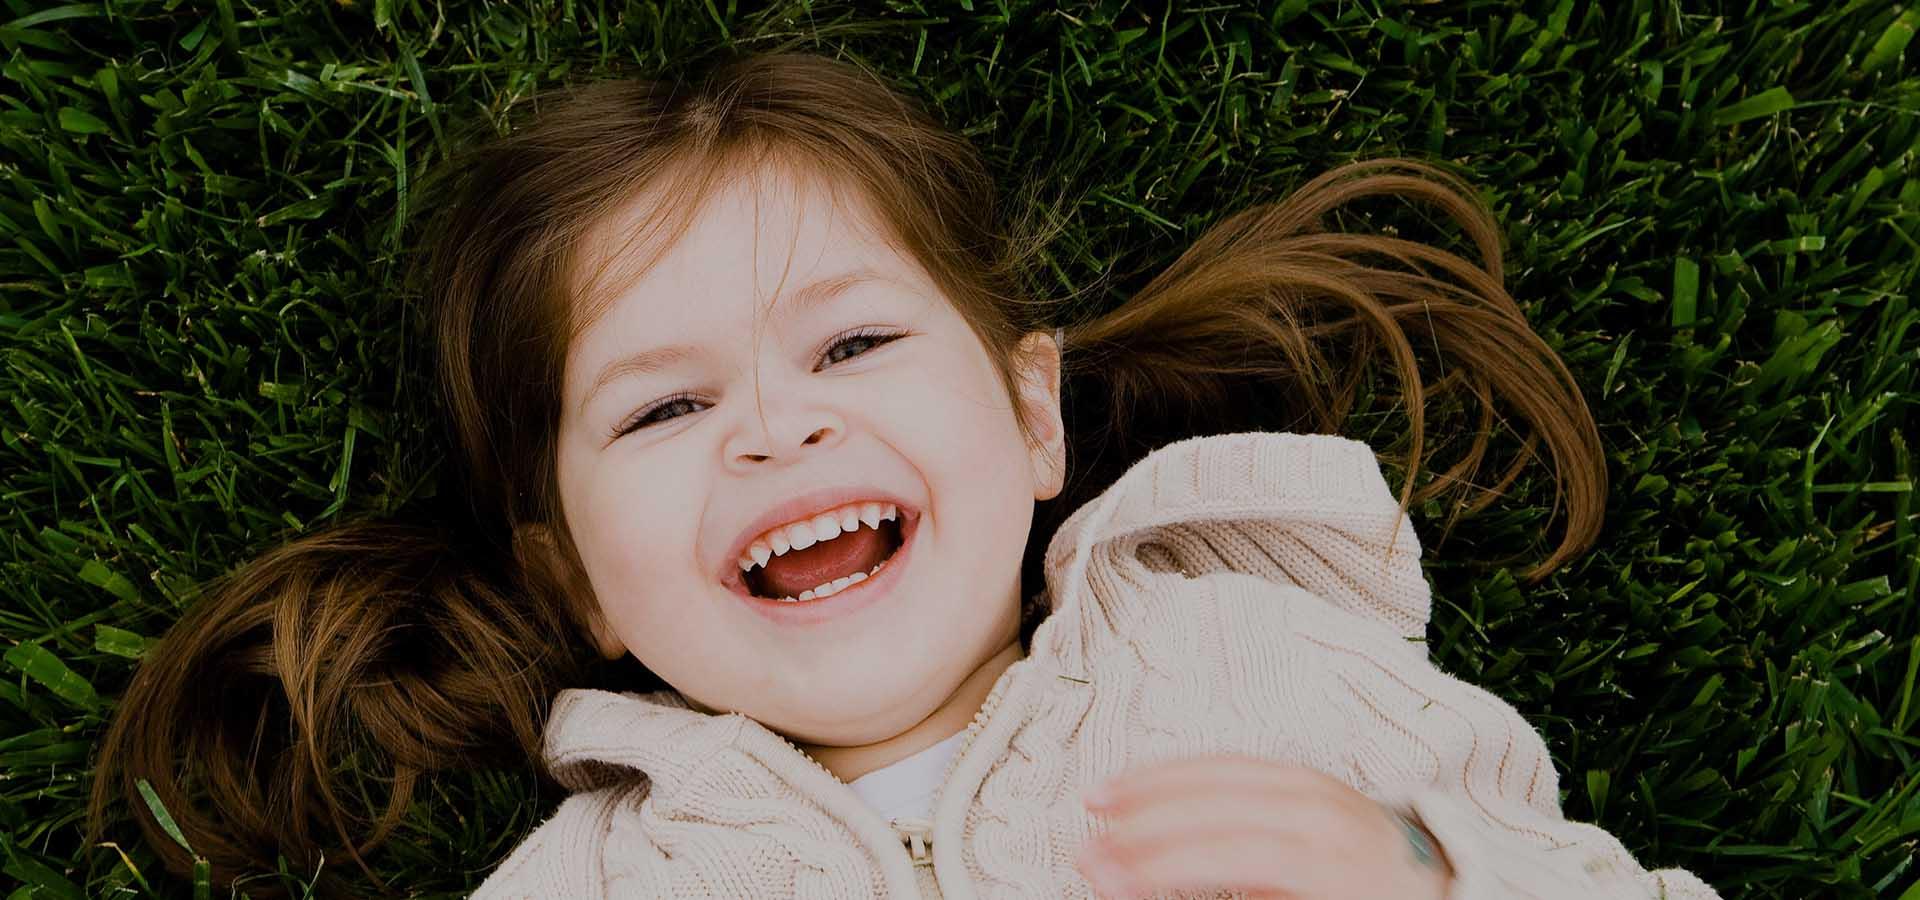 Bien-être et savoir-être : les clés pour libérer le potentiel de chaque enfant avec l'école bilingue Happy Forever School à Nîmes - well-being